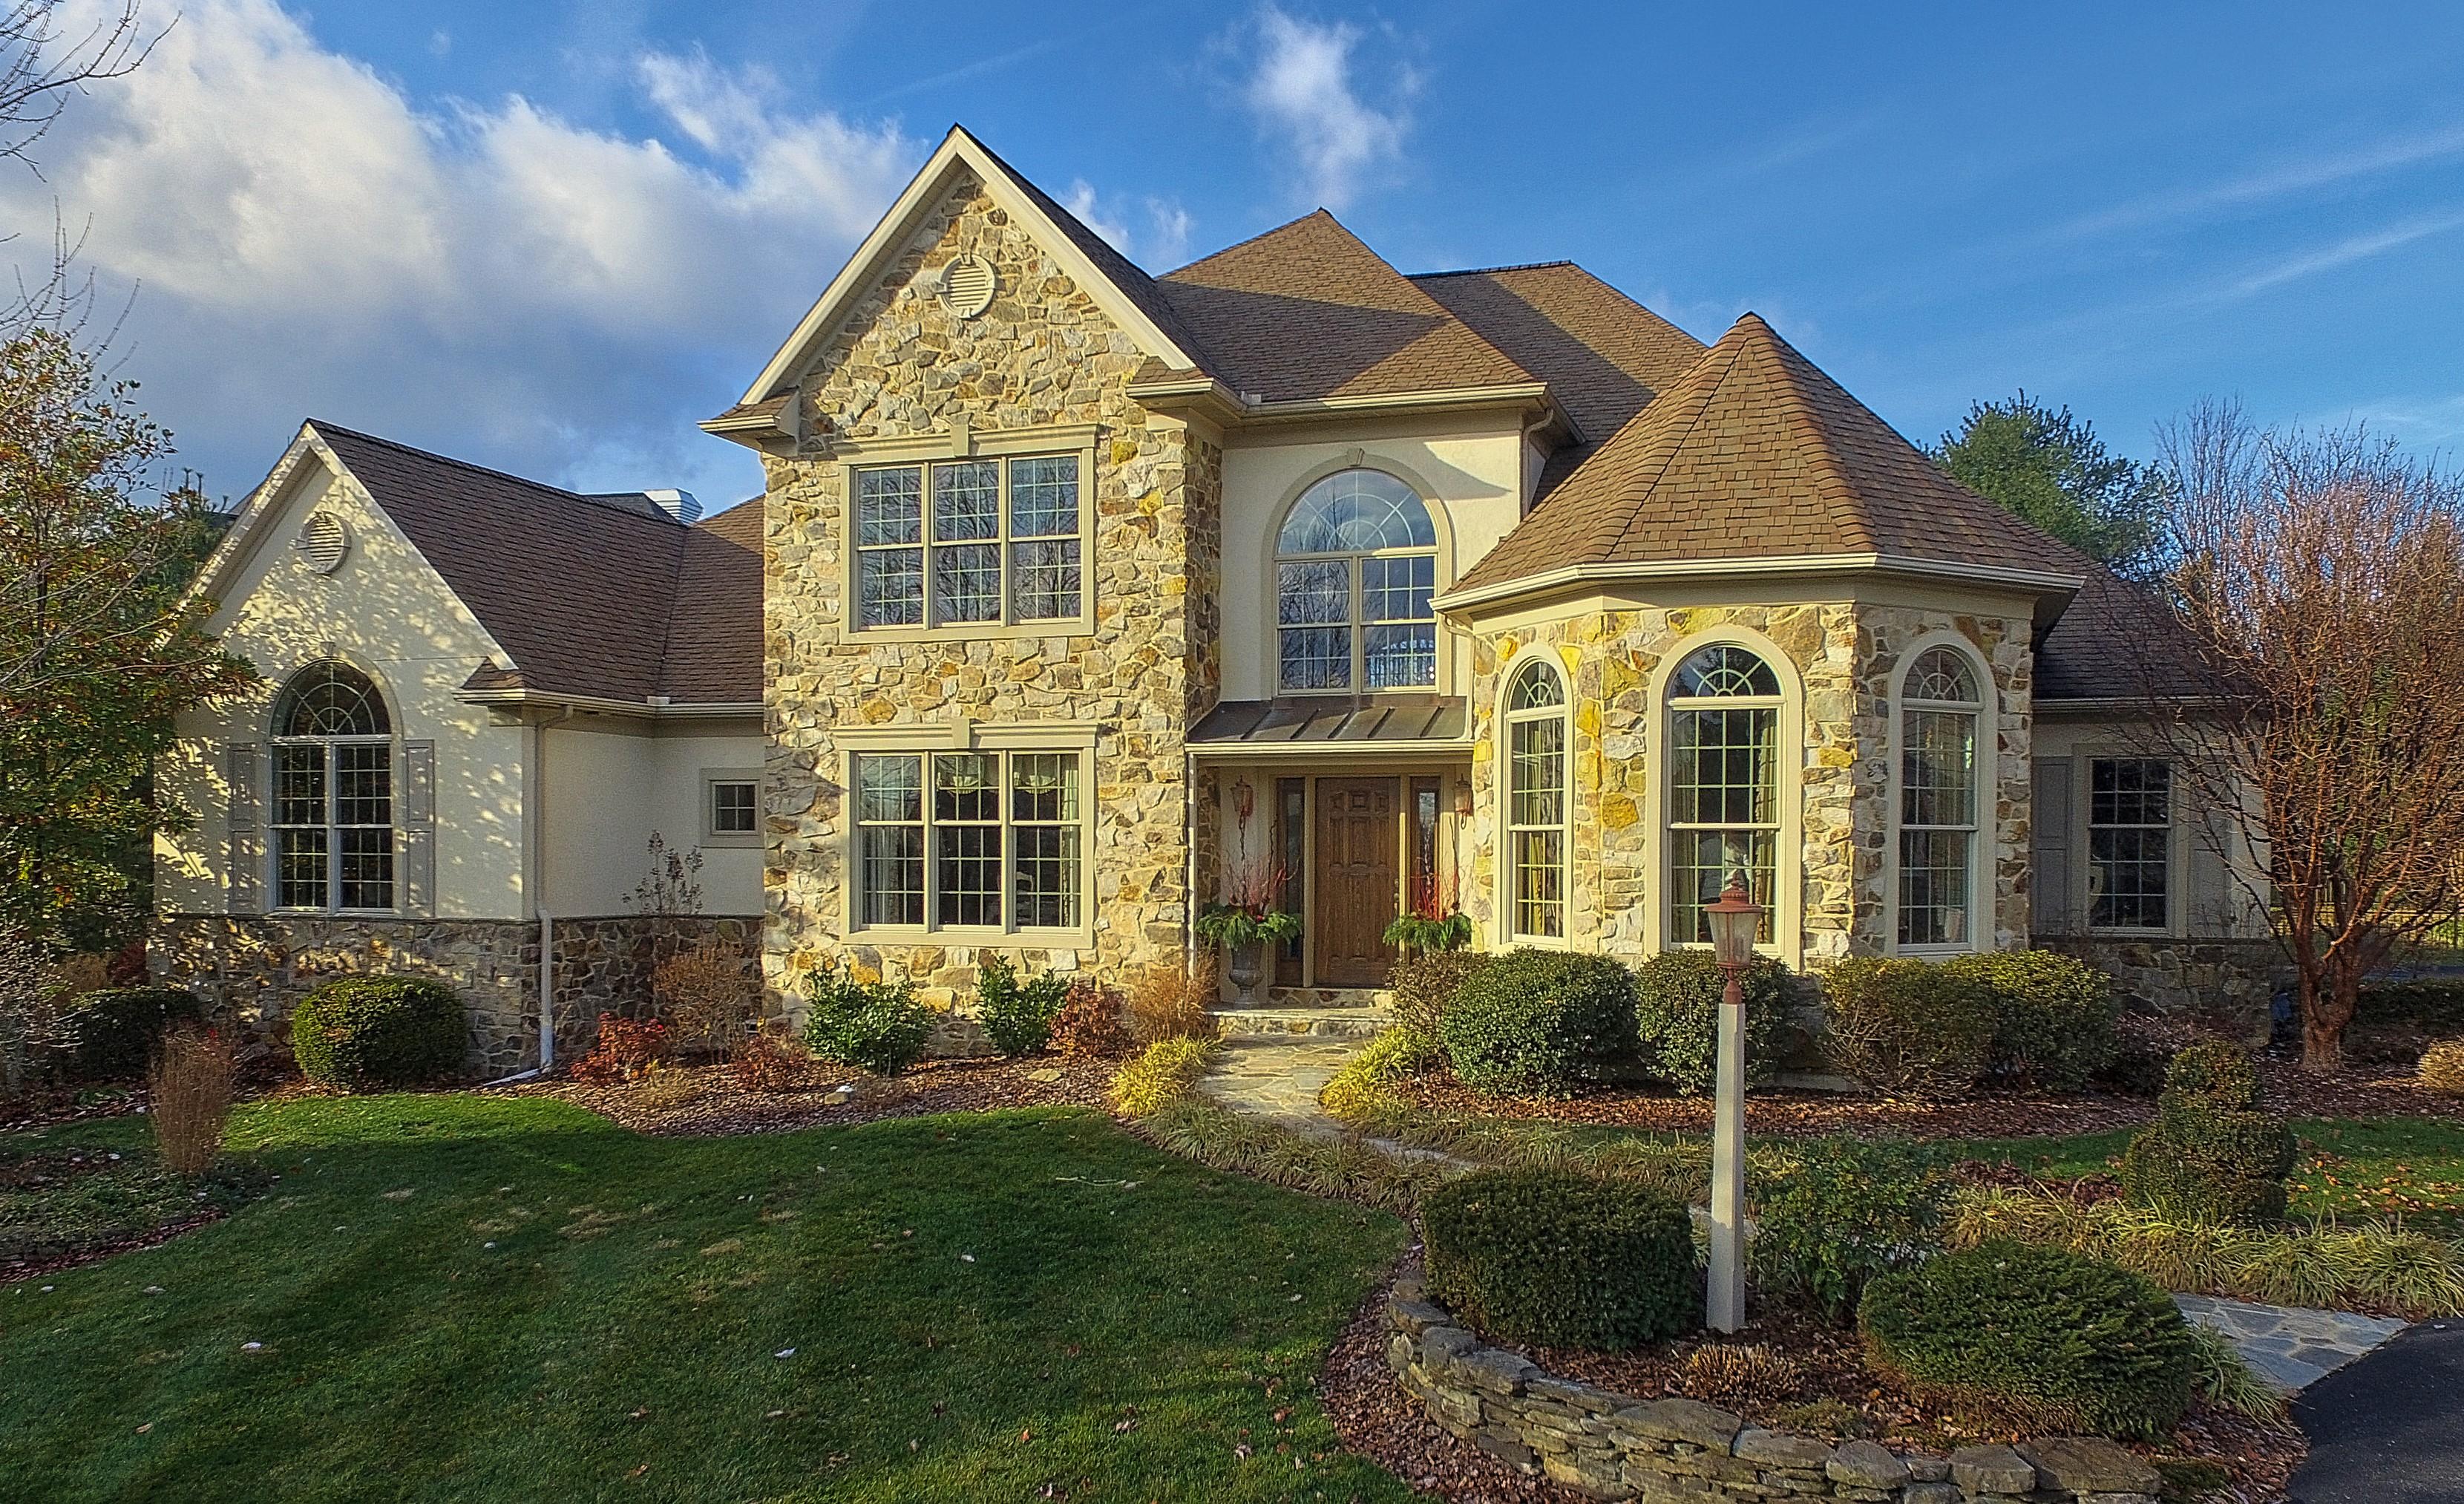 Maison unifamiliale pour l Vente à 679 Goose Neck Drive Lititz, Pennsylvanie 17543 États-Unis